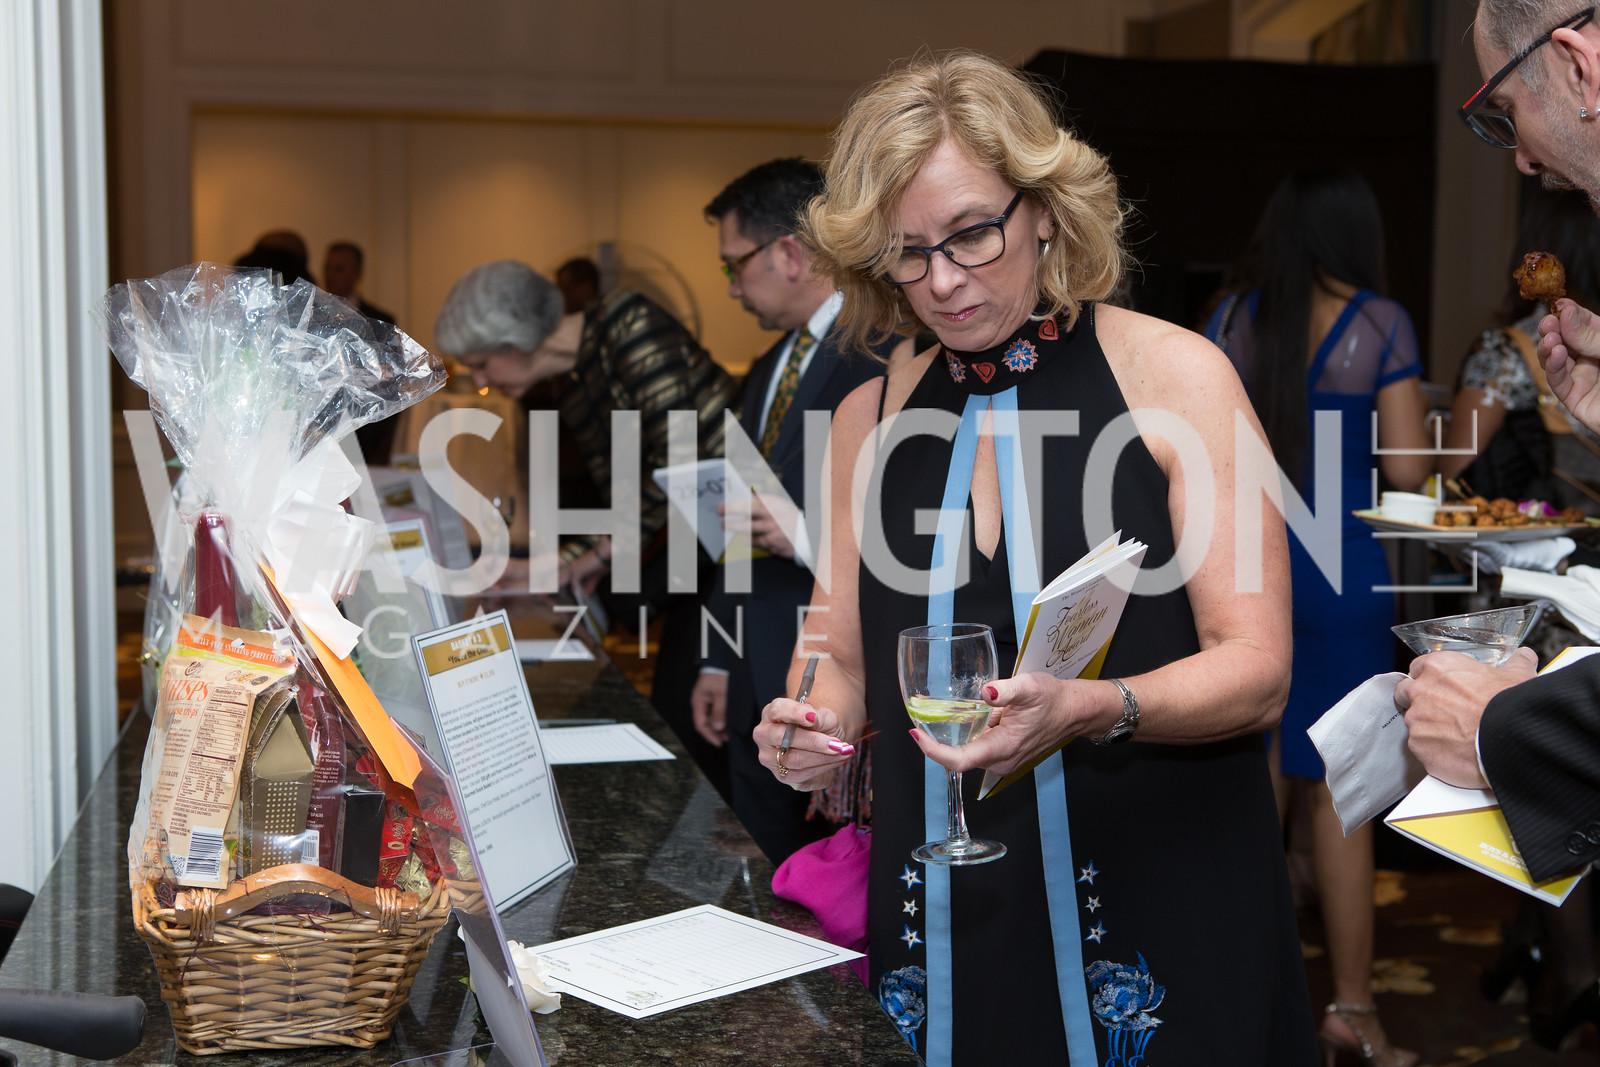 Patricia Tetro - Fearless Women Awards Ritz Carlton Tysons Corner January 21, 2018 Photo by Naku Mayo